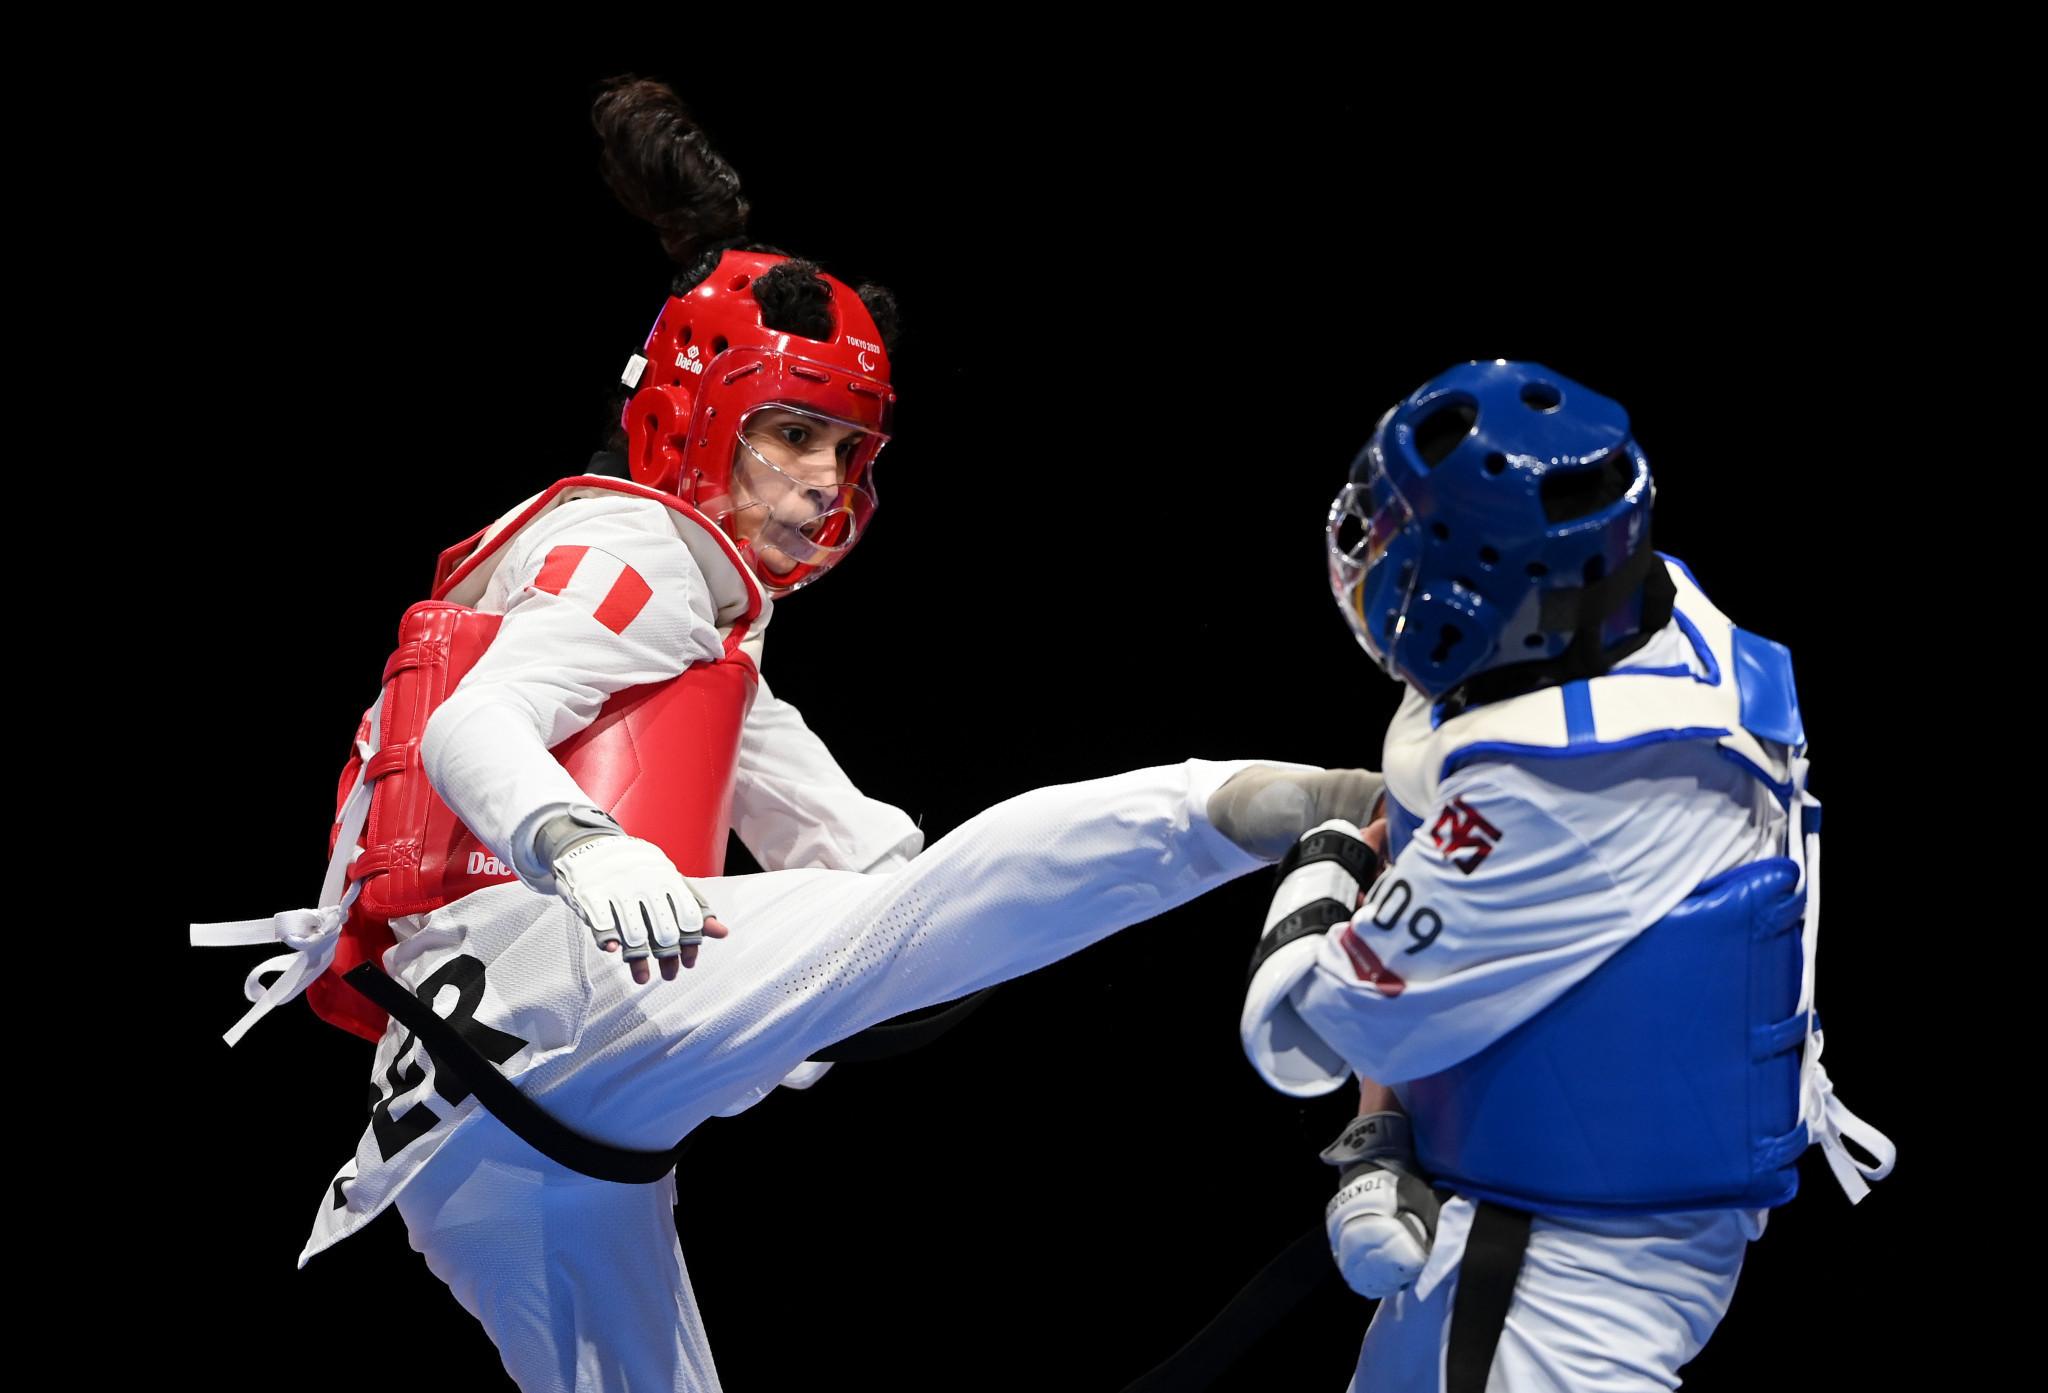 Maiden Paralympic taekwondo champions crowned at Tokyo 2020